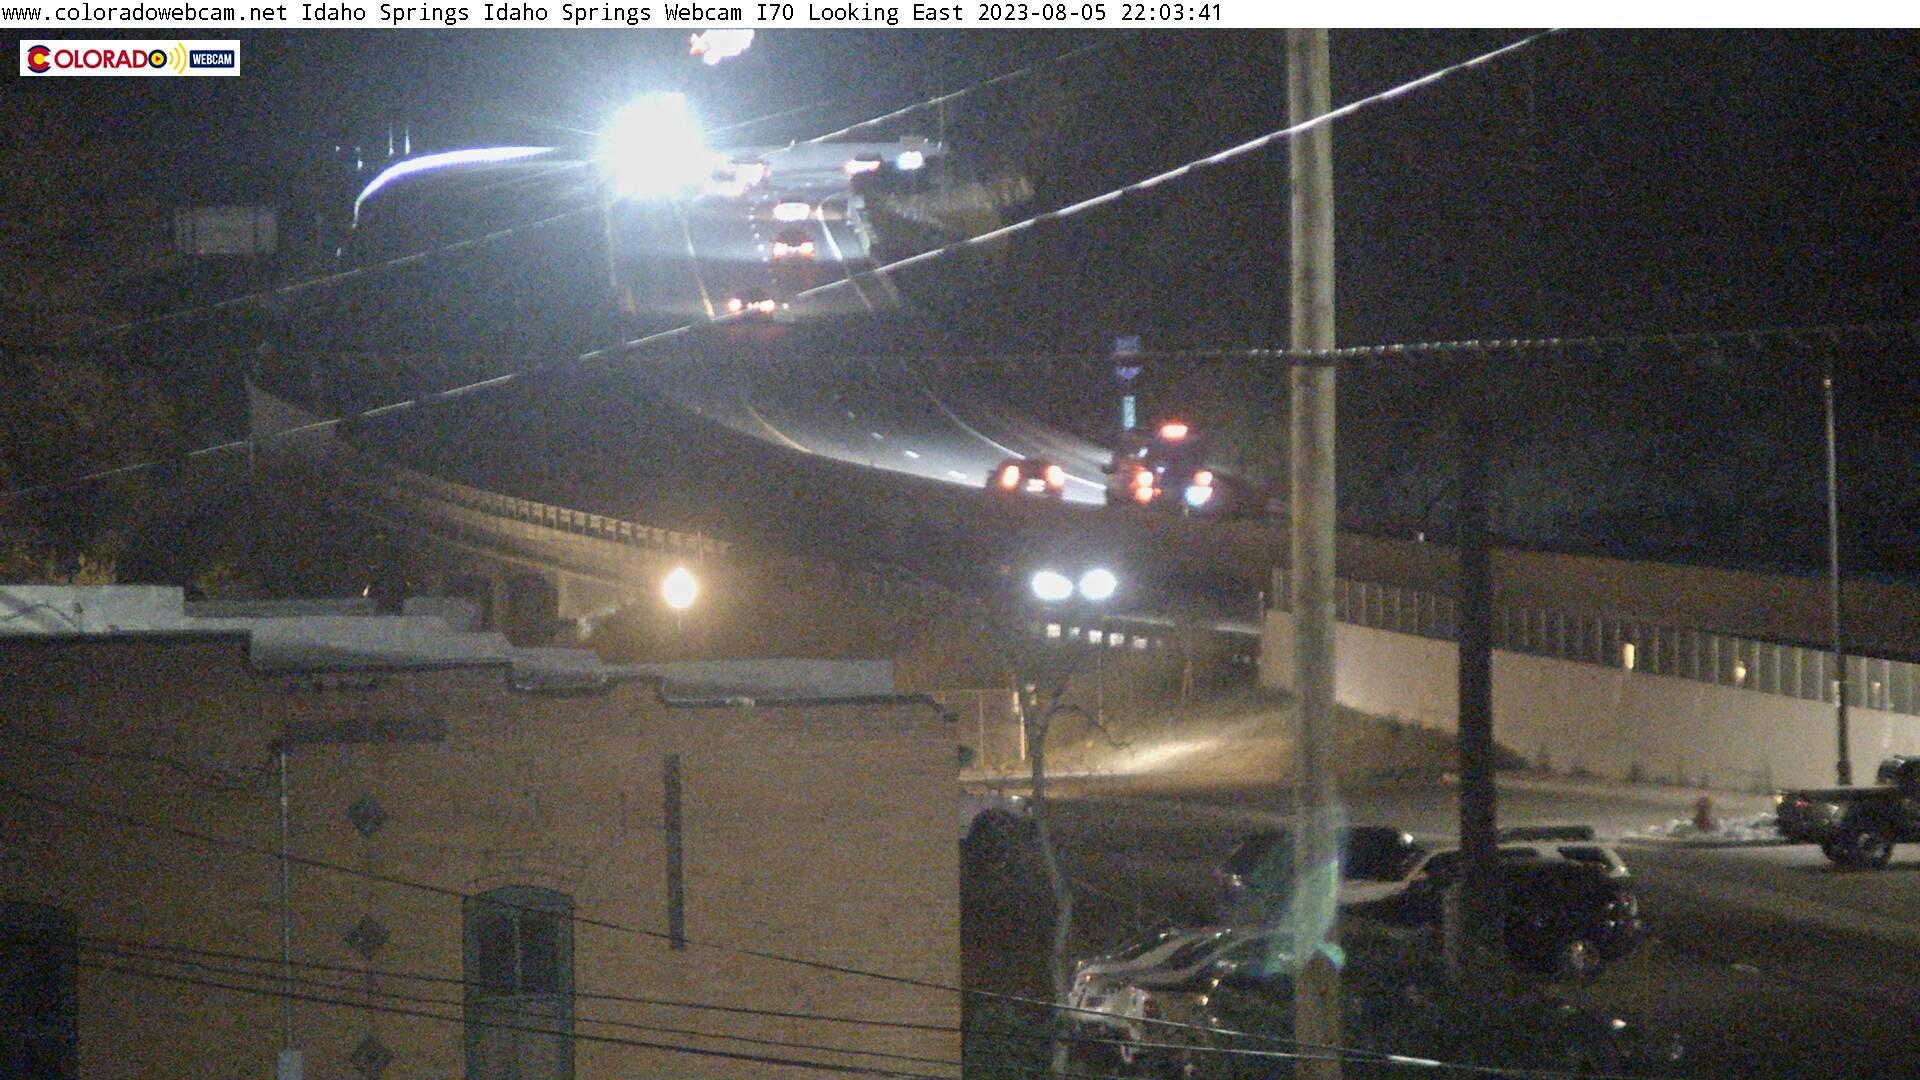 River Webcams | ColoradoWebCam Net